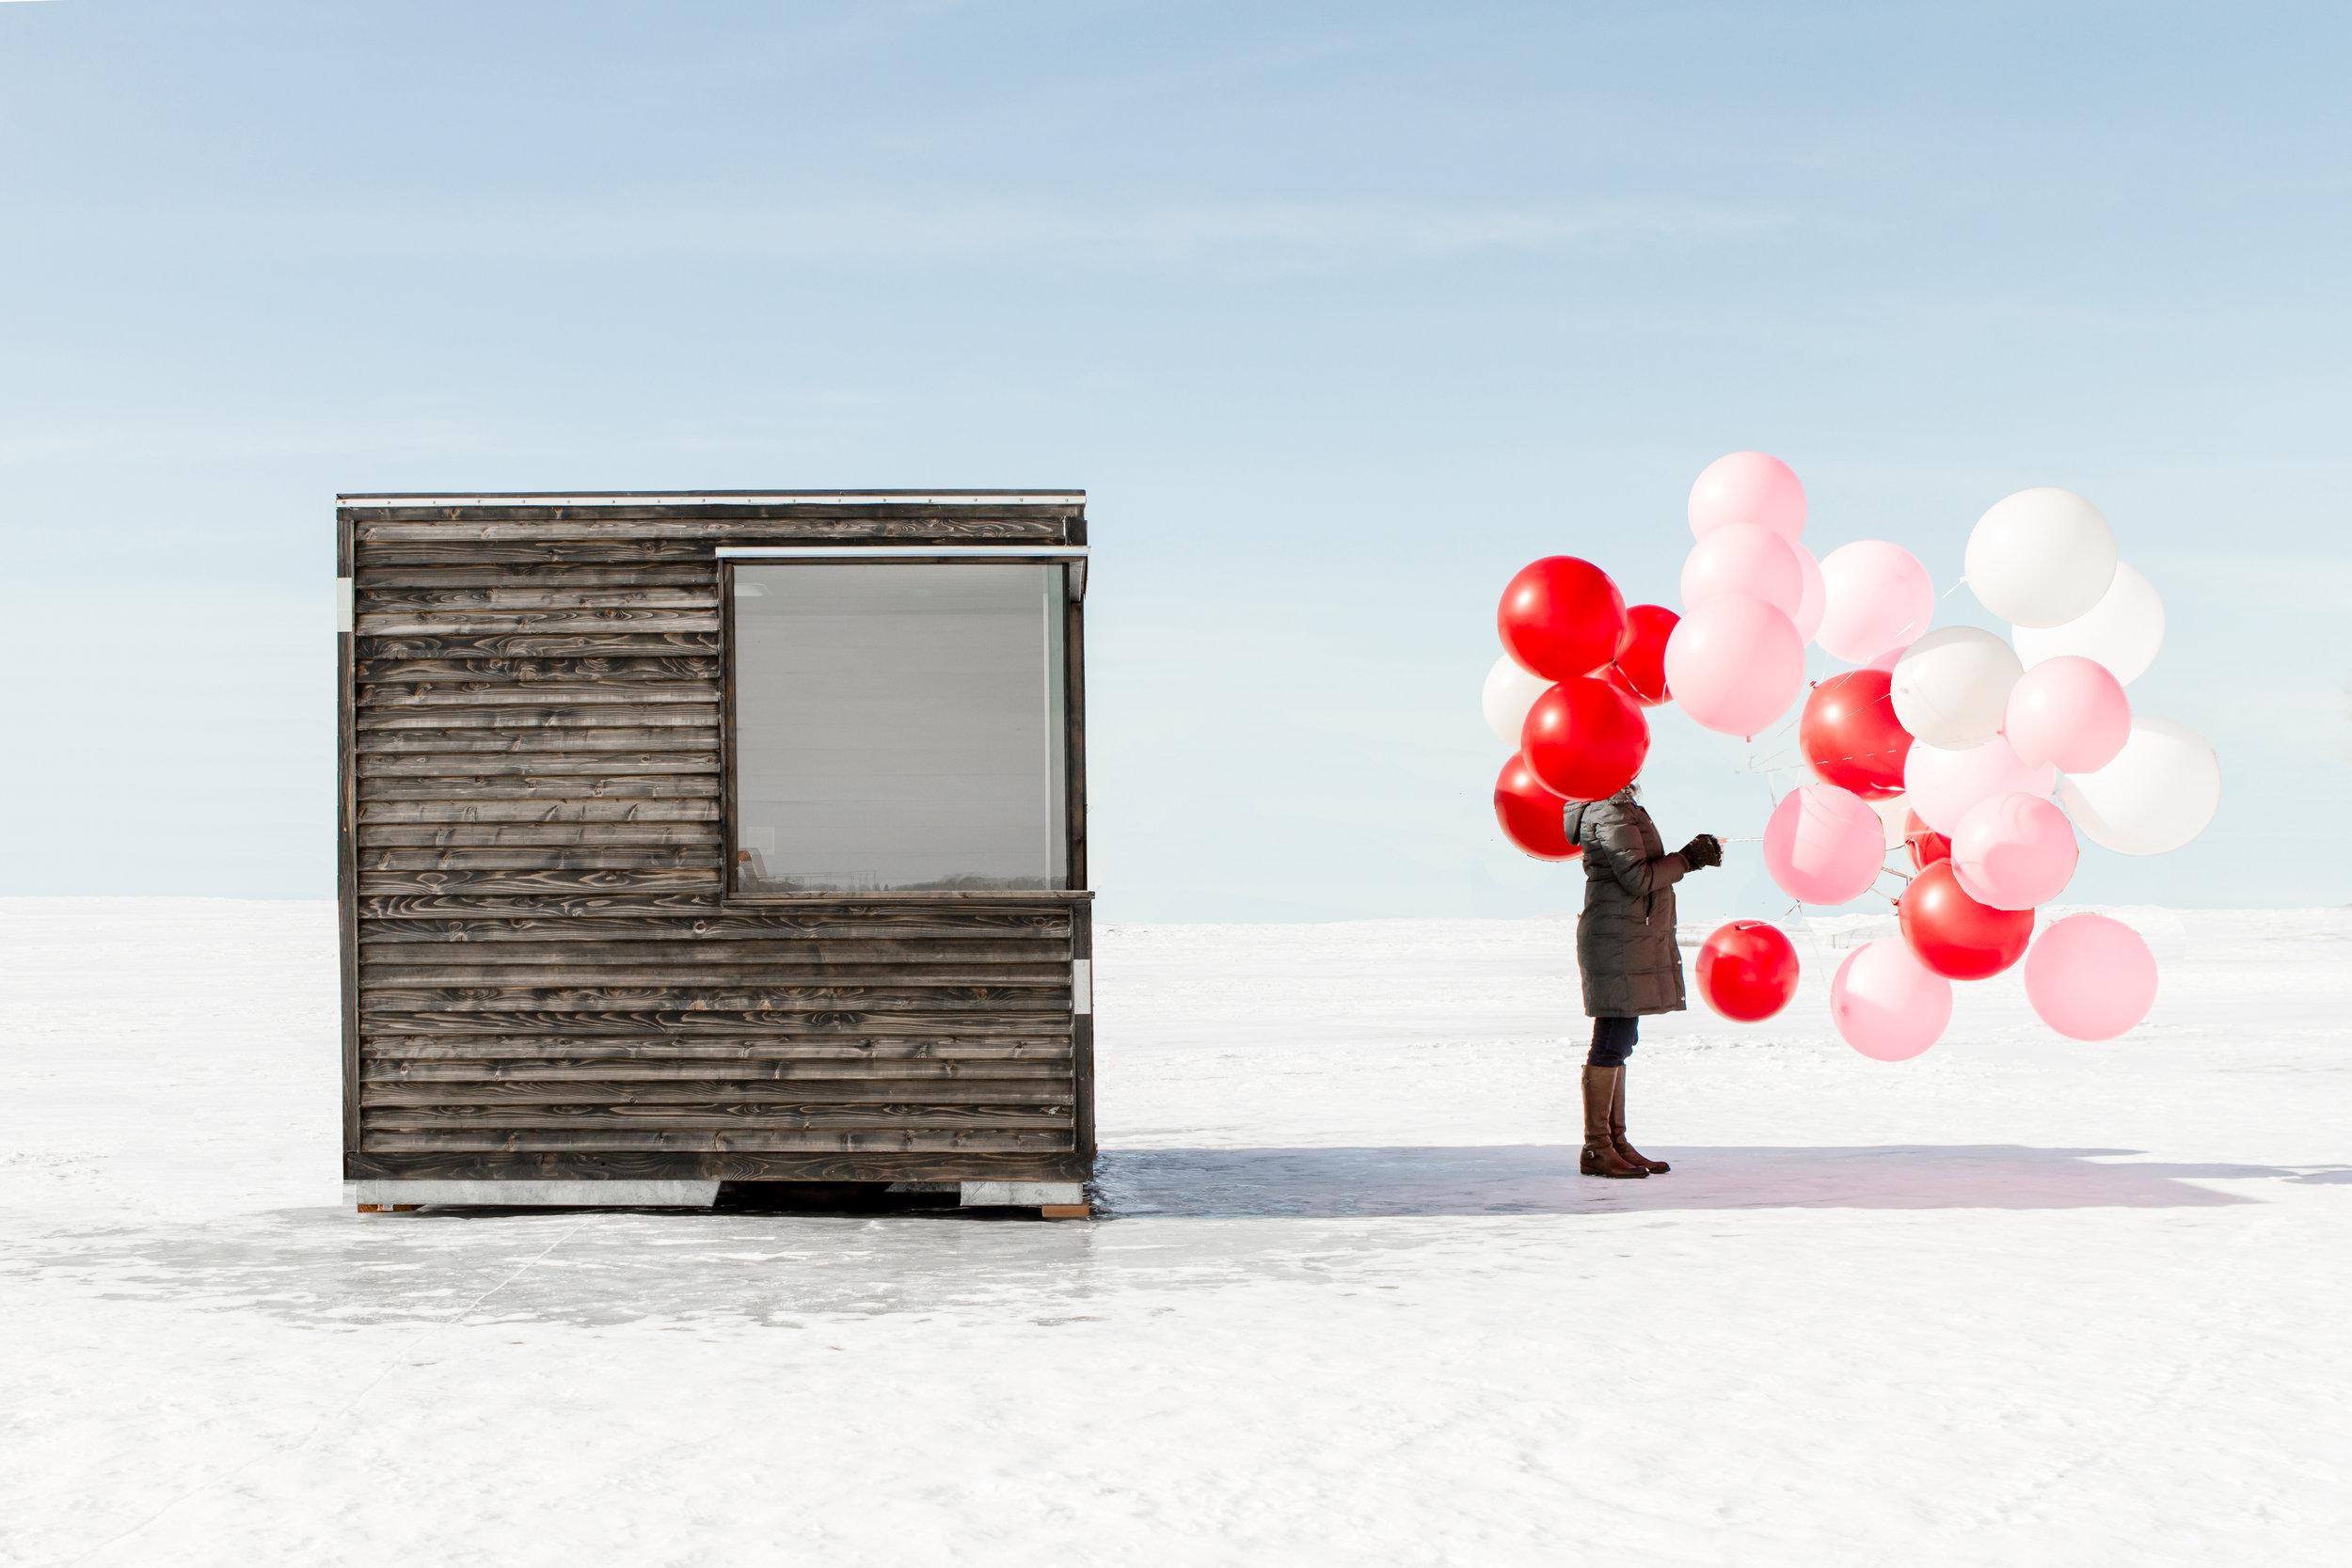 valentine art shanty_image 020.jpg